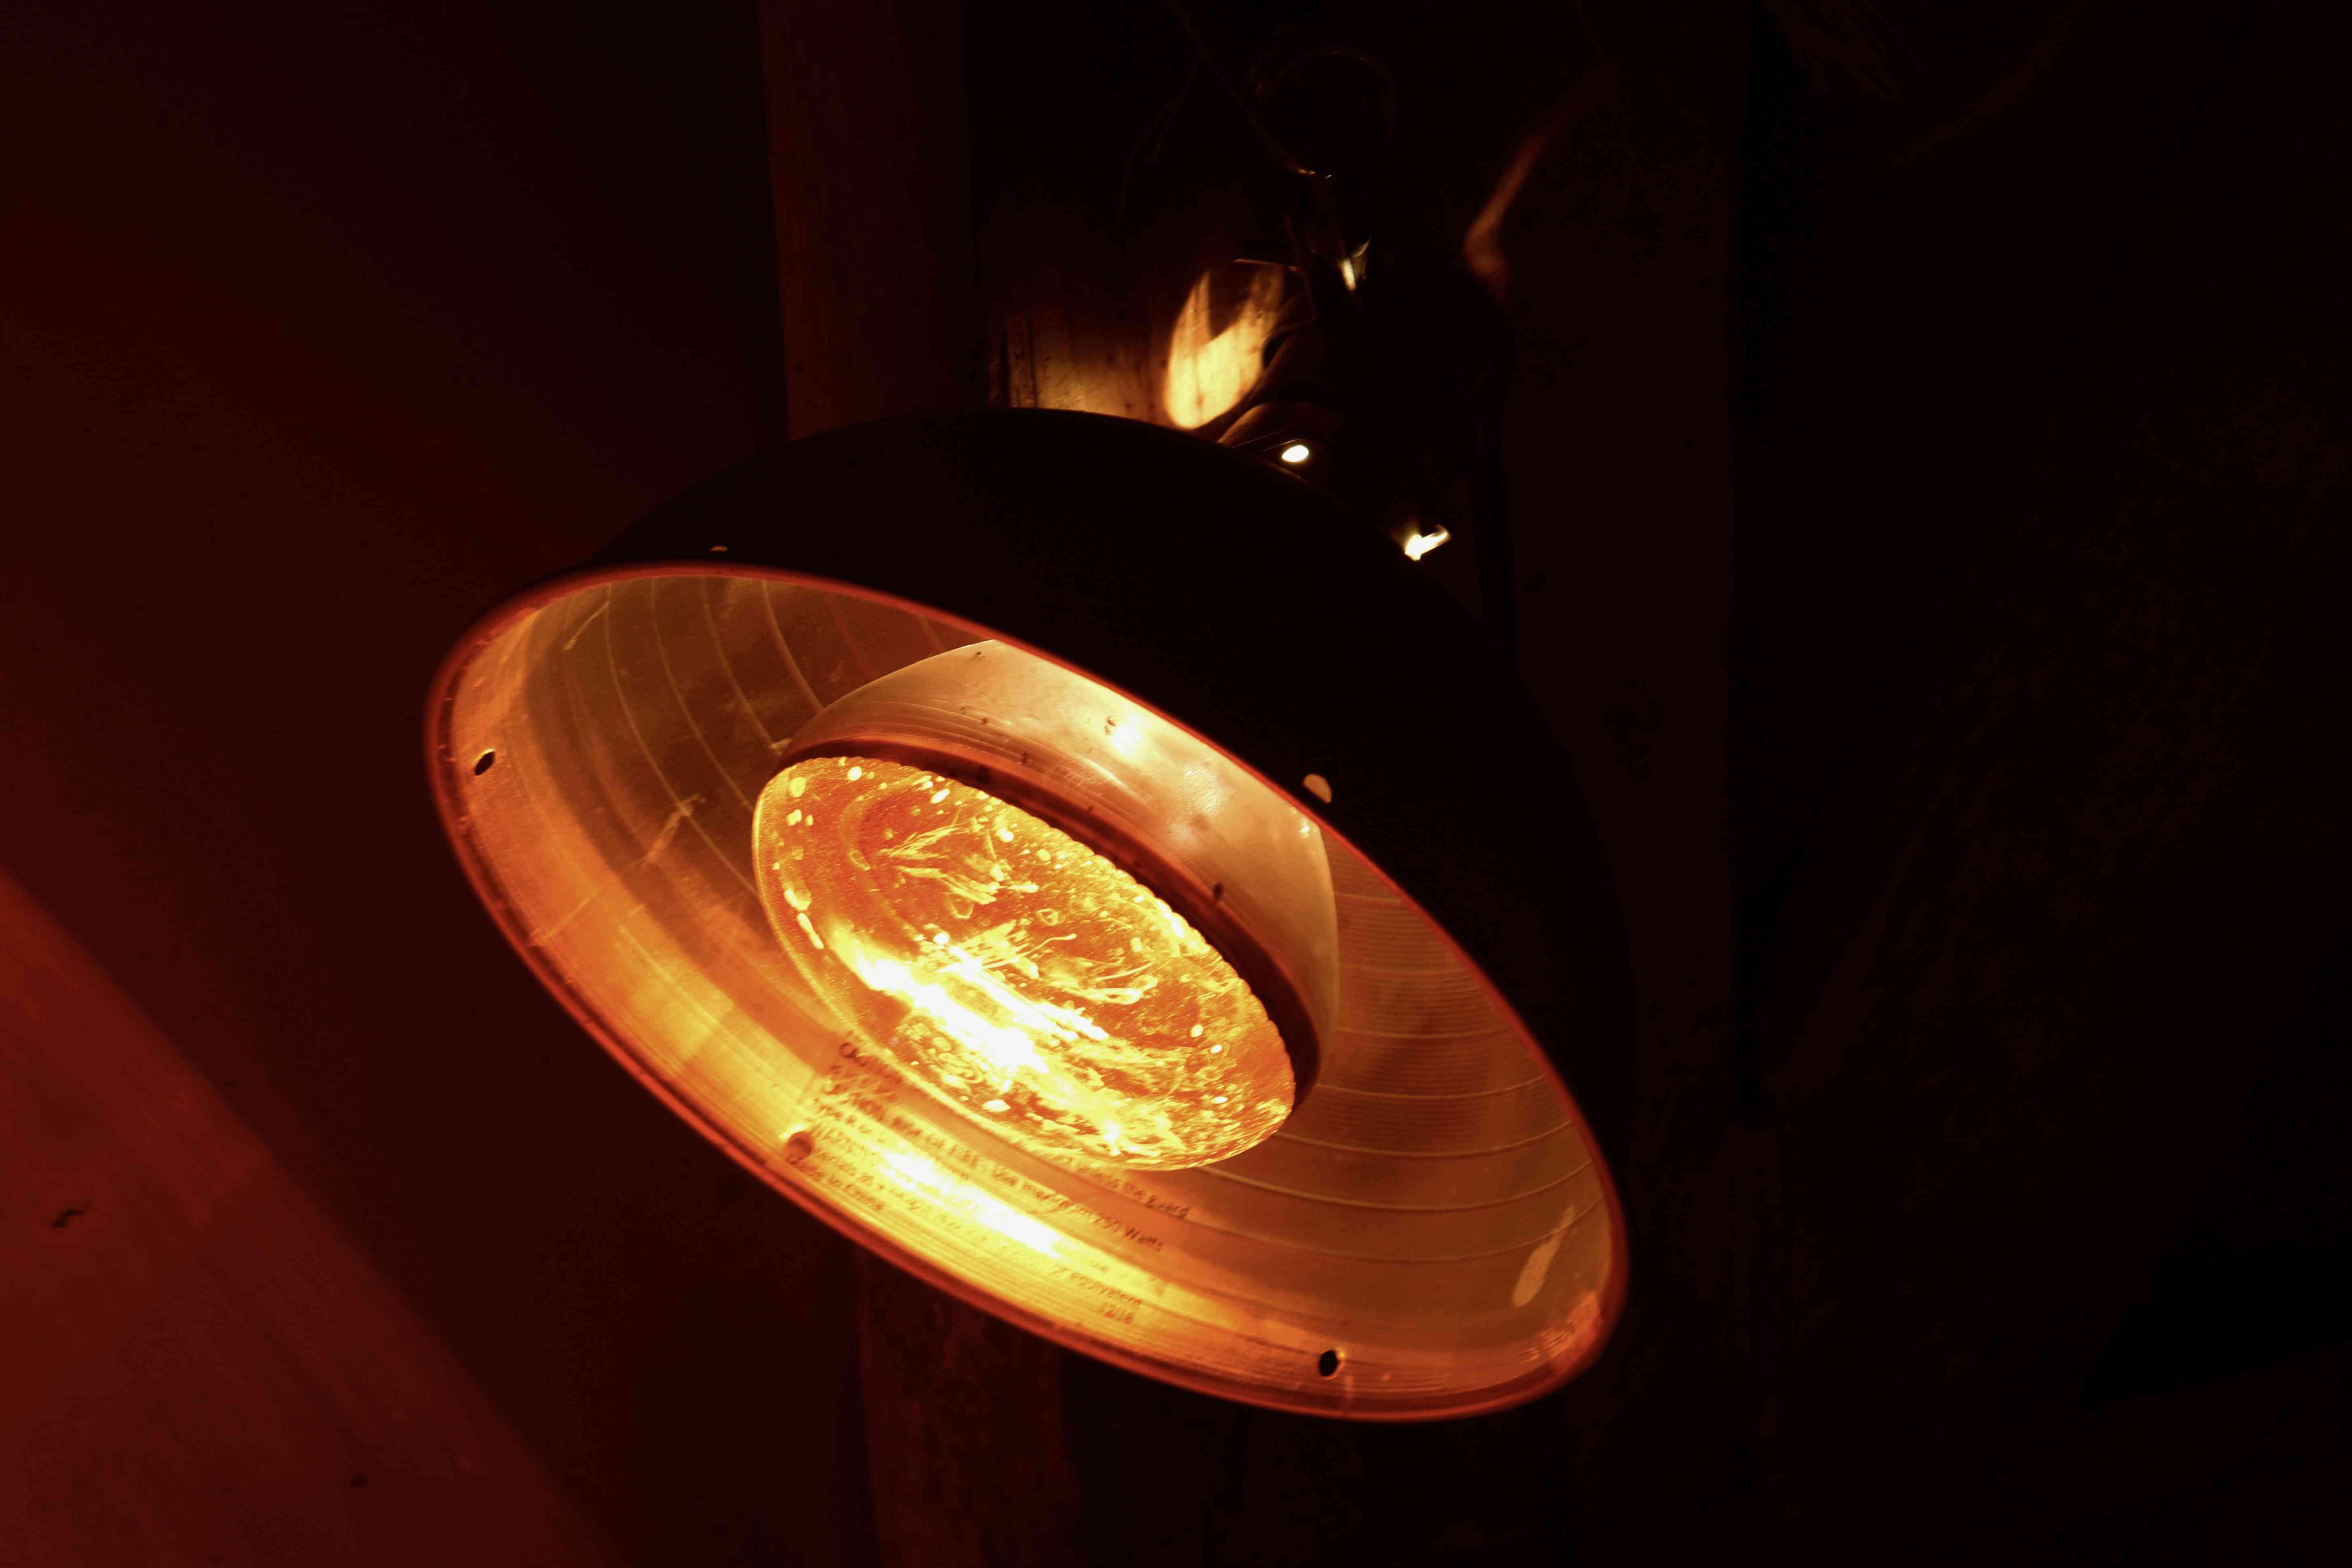 Heat lamp closeup